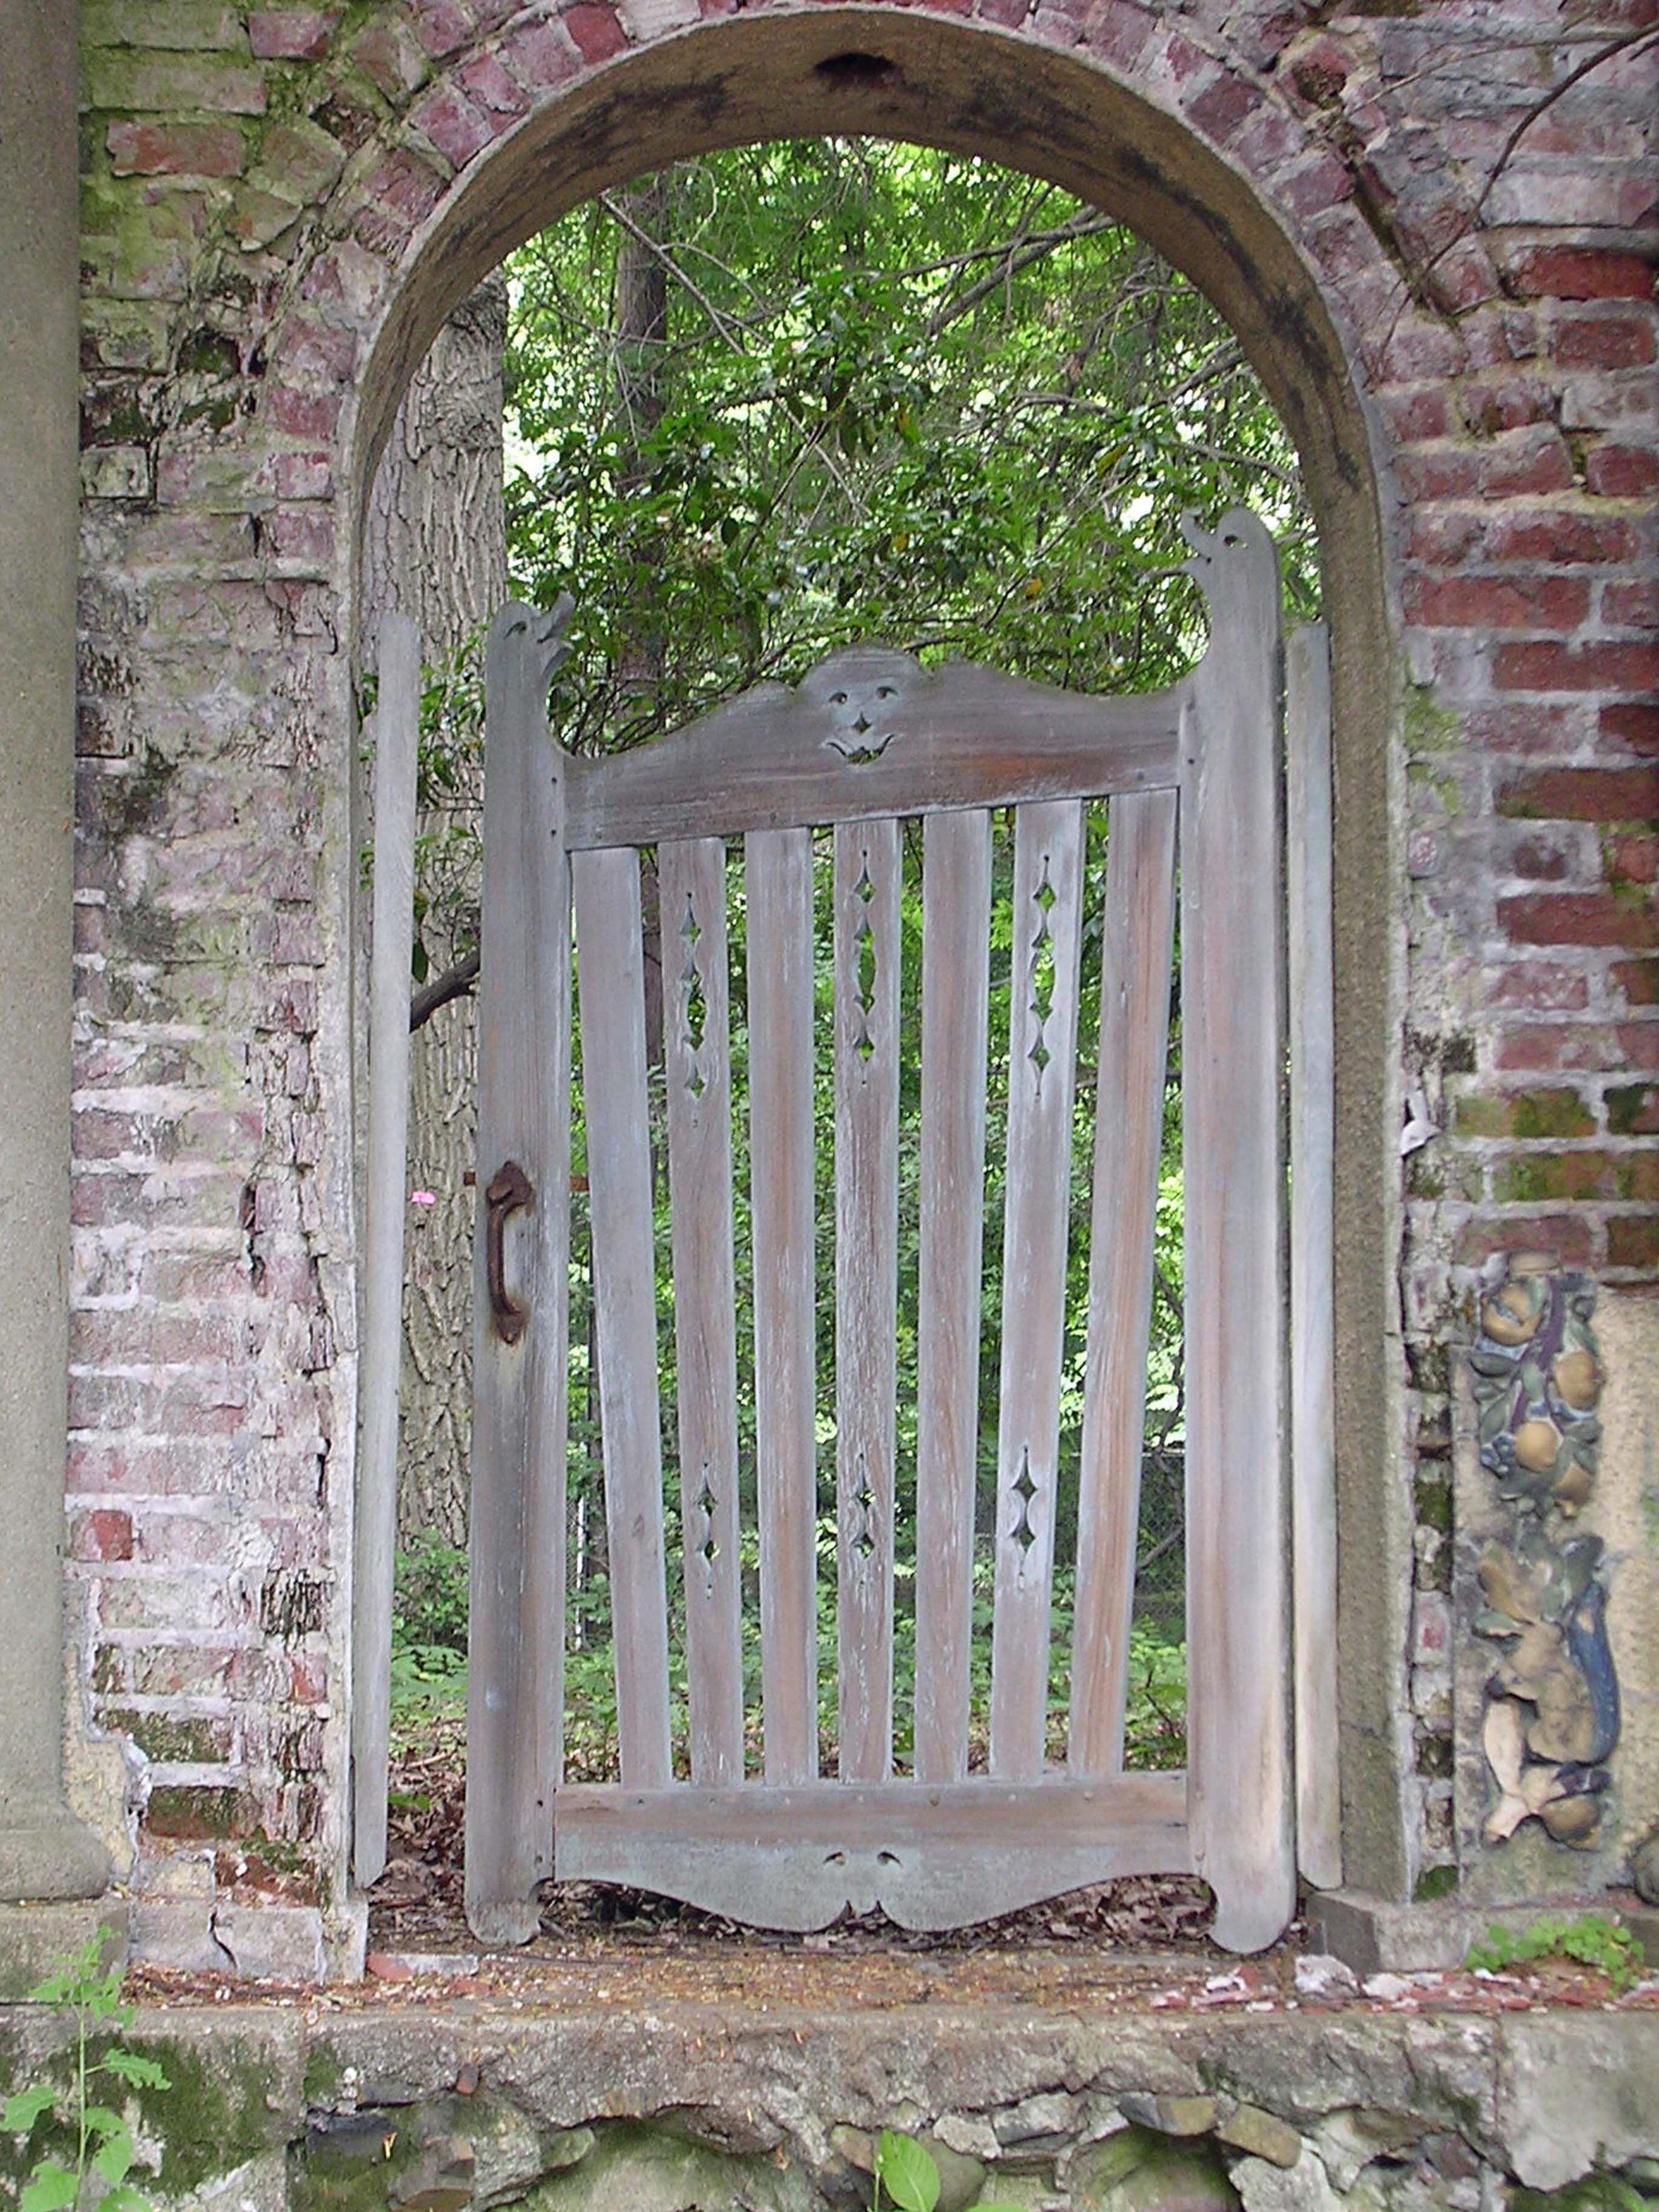 Garden Gate Ideas | ... Gardens Gate1 225x300 Garden Design Details: Rustic  Wood